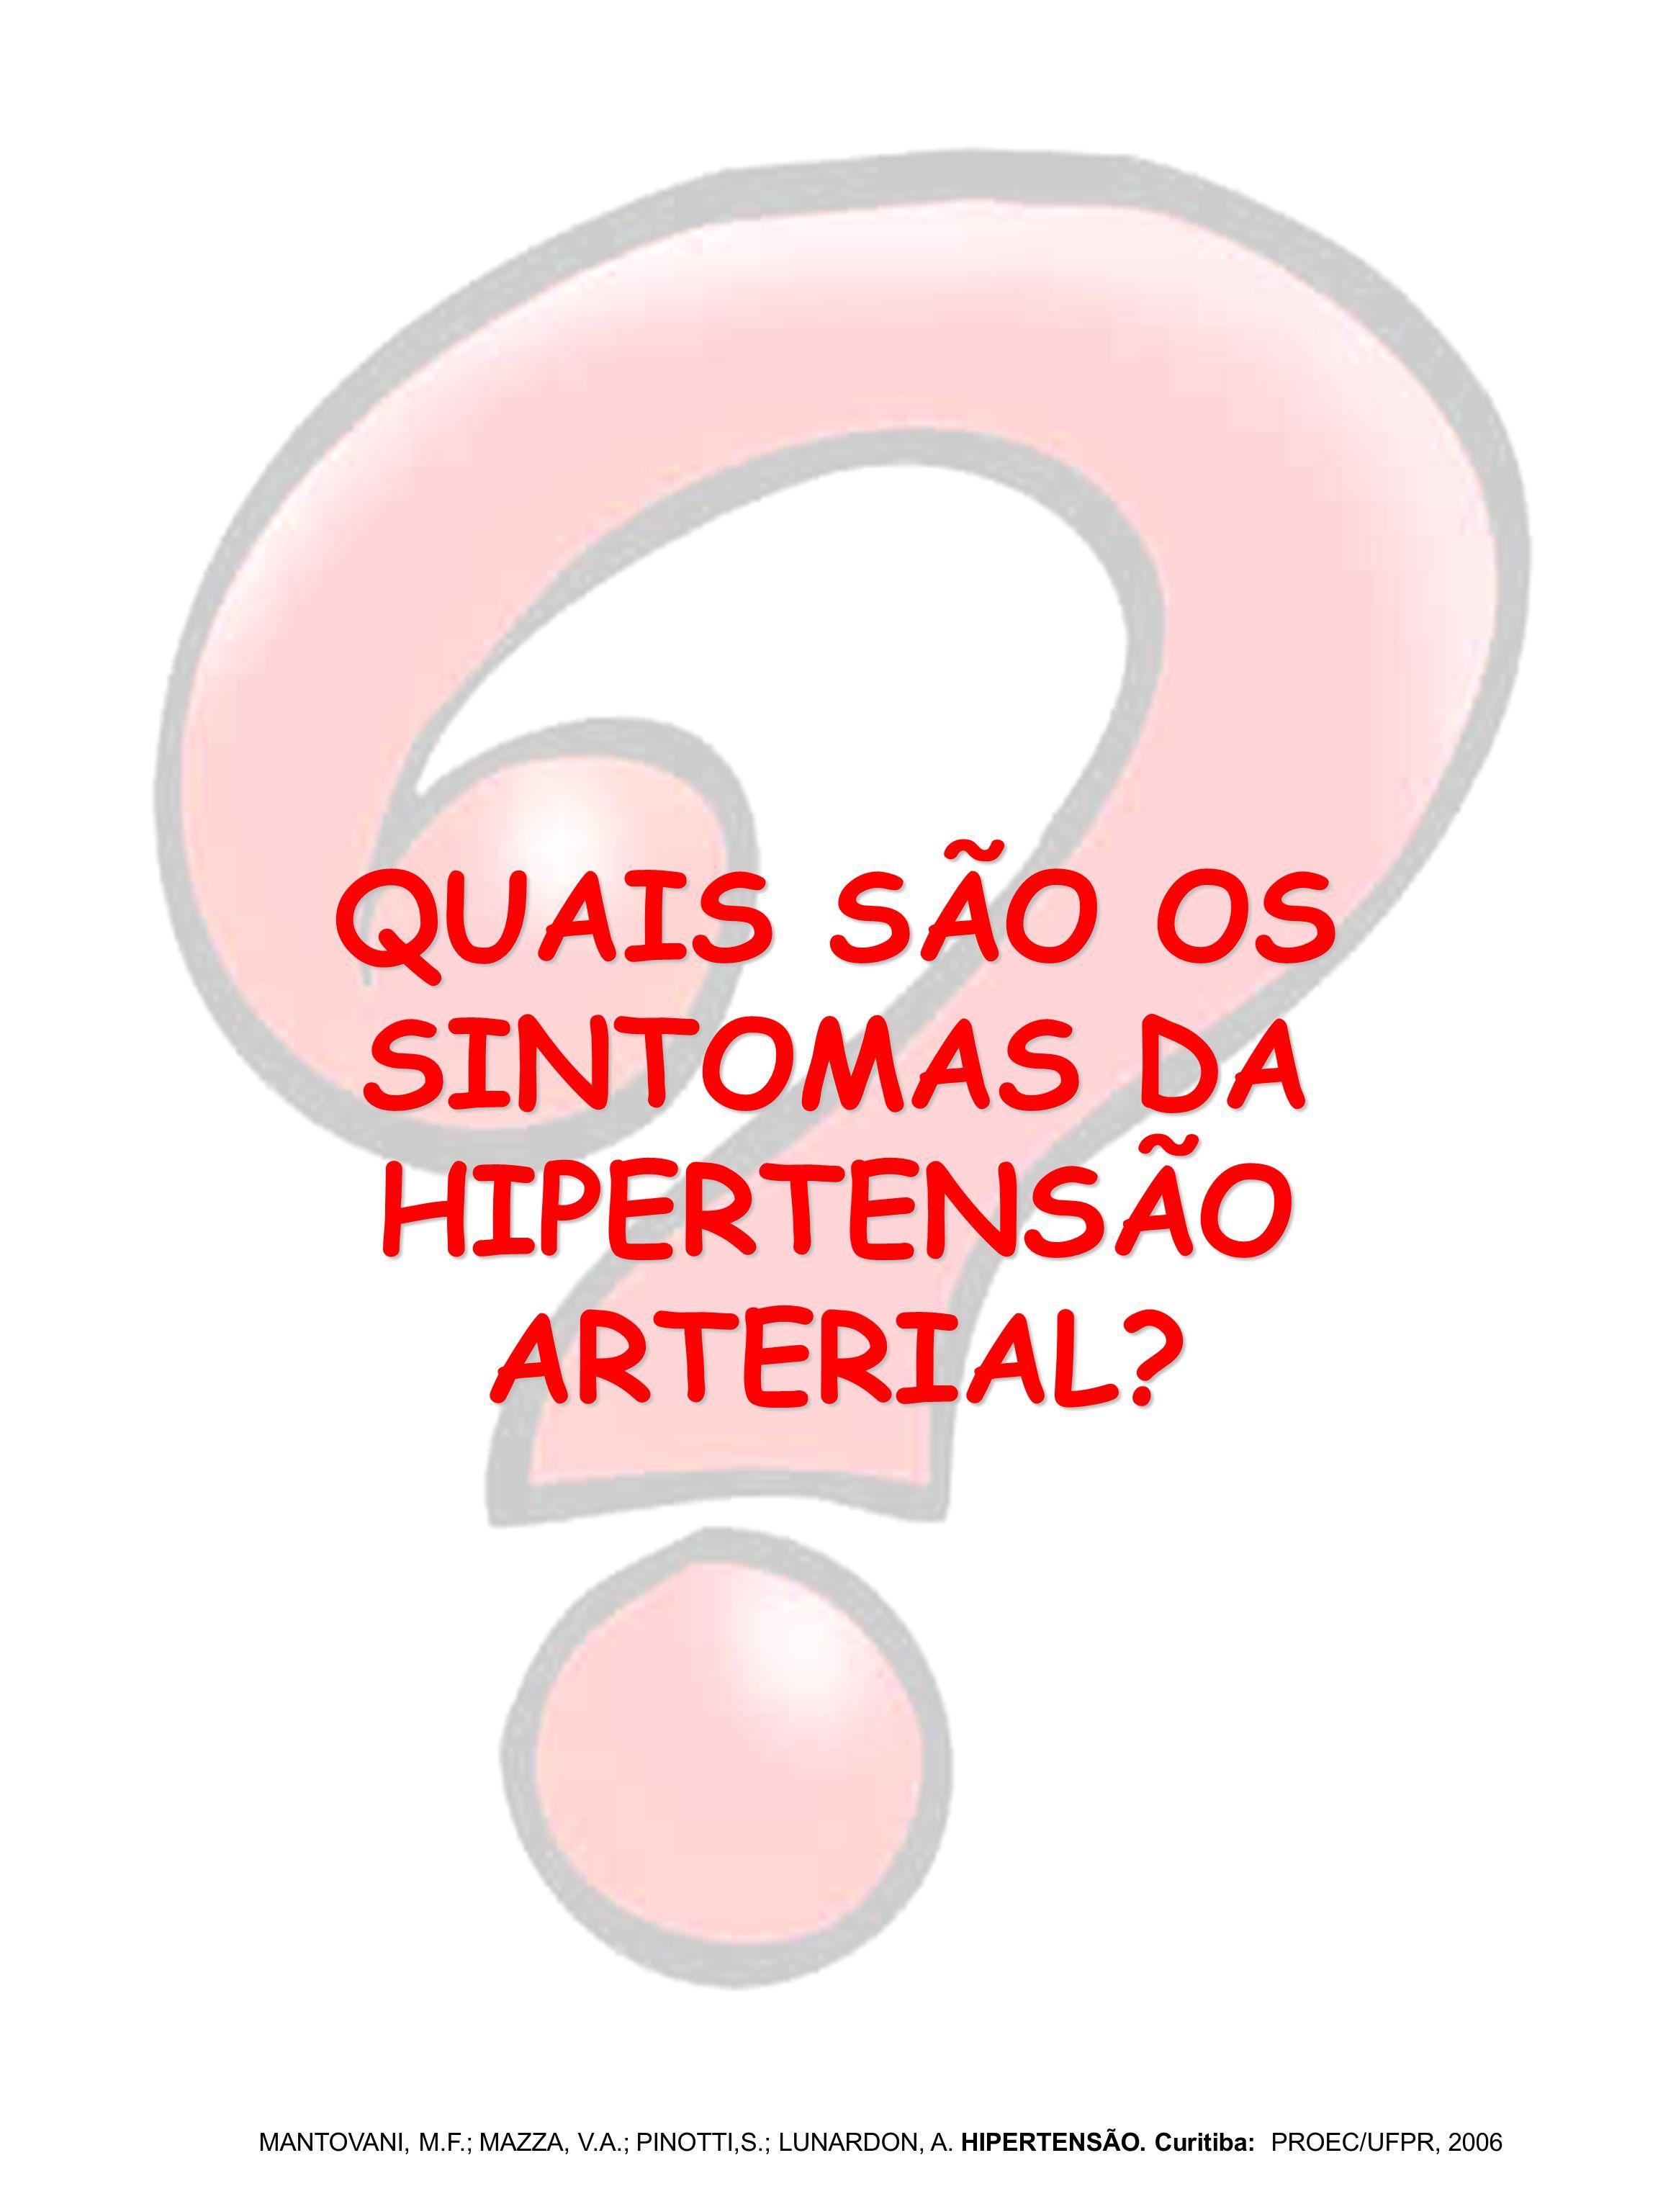 QUAIS SÃO OS SINTOMAS DA HIPERTENSÃO ARTERIAL? MANTOVANI, M.F.; MAZZA, V.A.; PINOTTI,S.; LUNARDON, A. HIPERTENSÃO. Curitiba: PROEC/UFPR, 2006